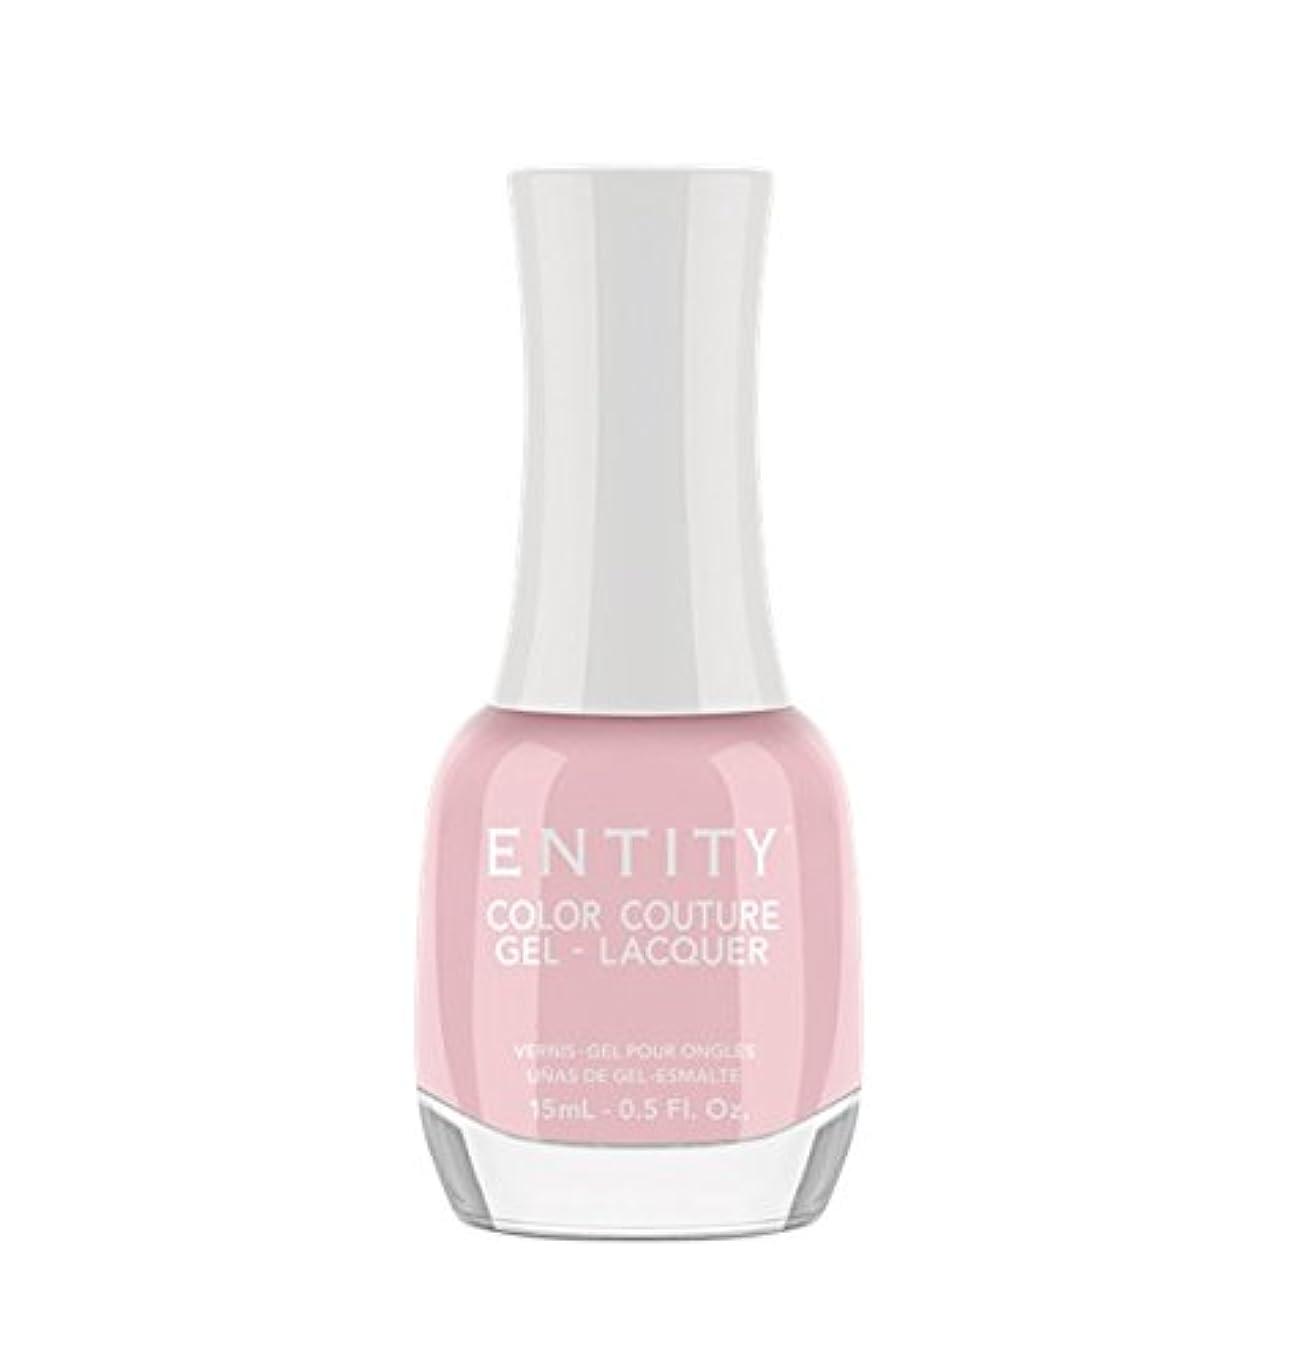 真面目な推進、動かす準備Entity Color Couture Gel-Lacquer - Boho Chic - 15 ml/0.5 oz